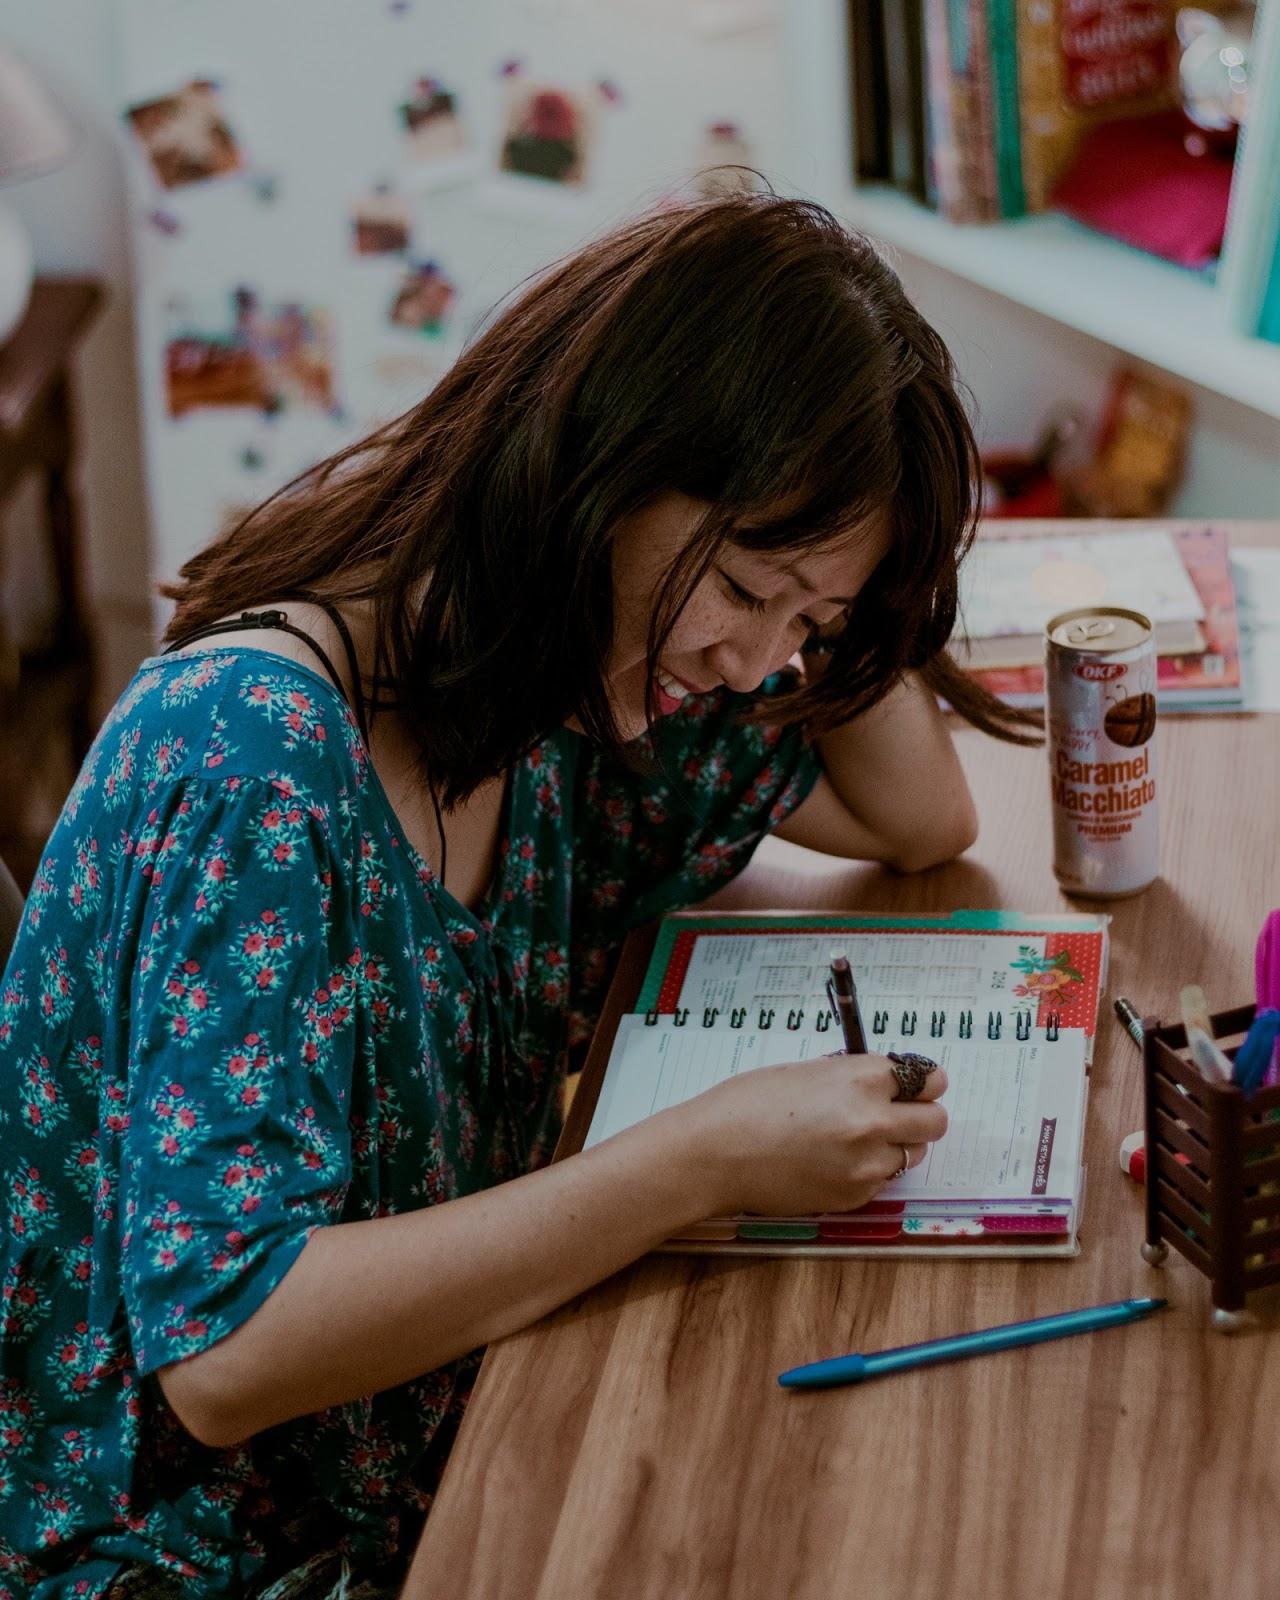 escrevendo no bujo